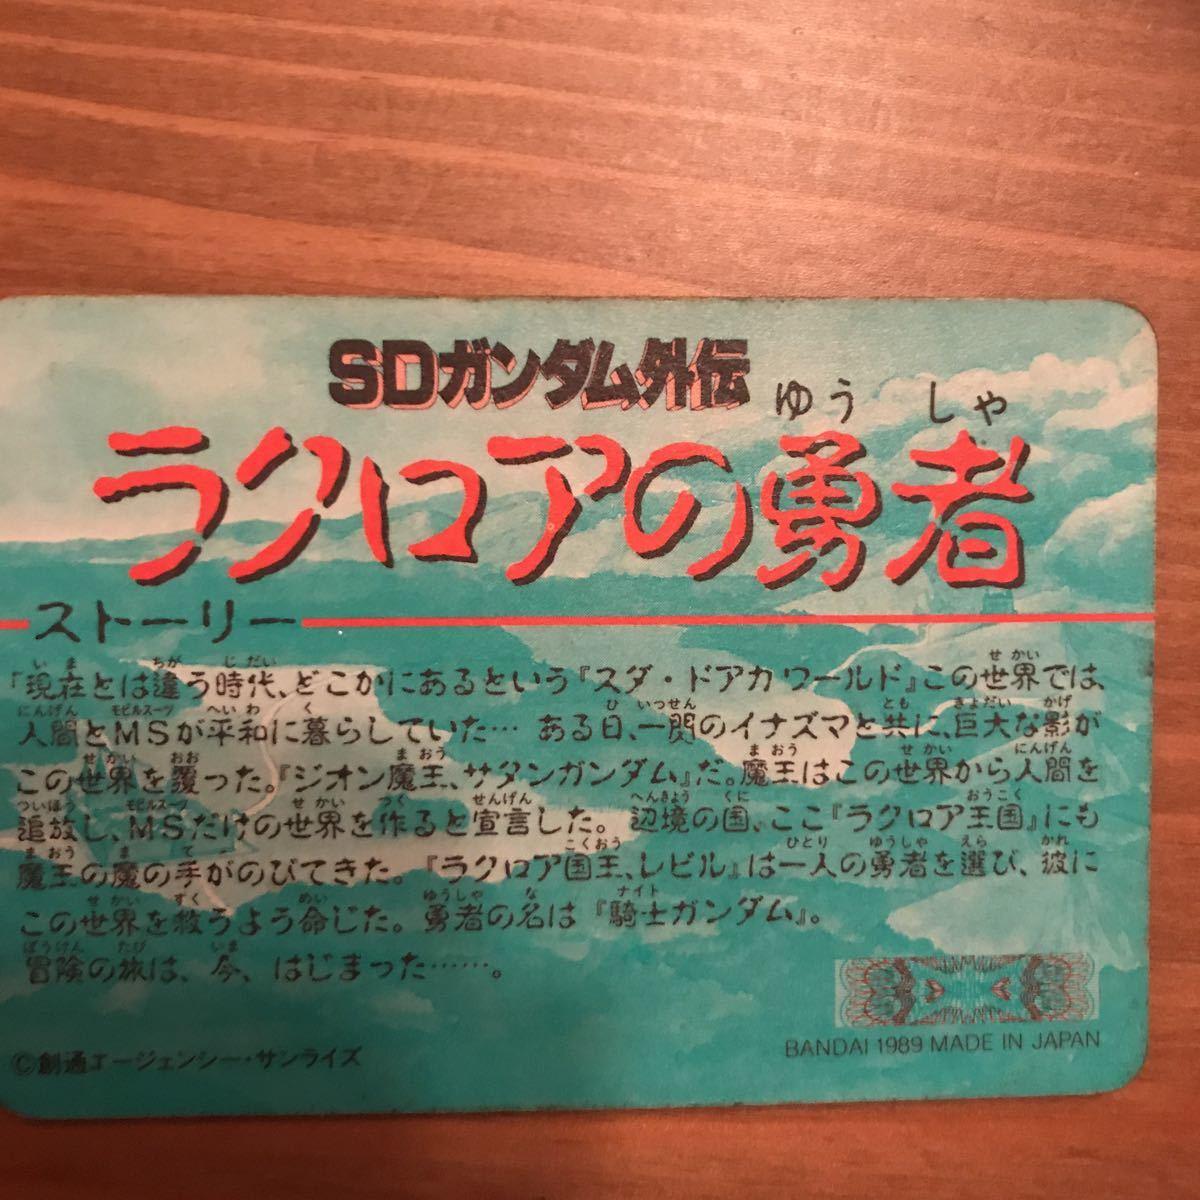 機動戦士ガンダム 大人気カードダス SDガンダム 外伝Ⅲ キラキラカード 騎士シァア レア物カード_画像8